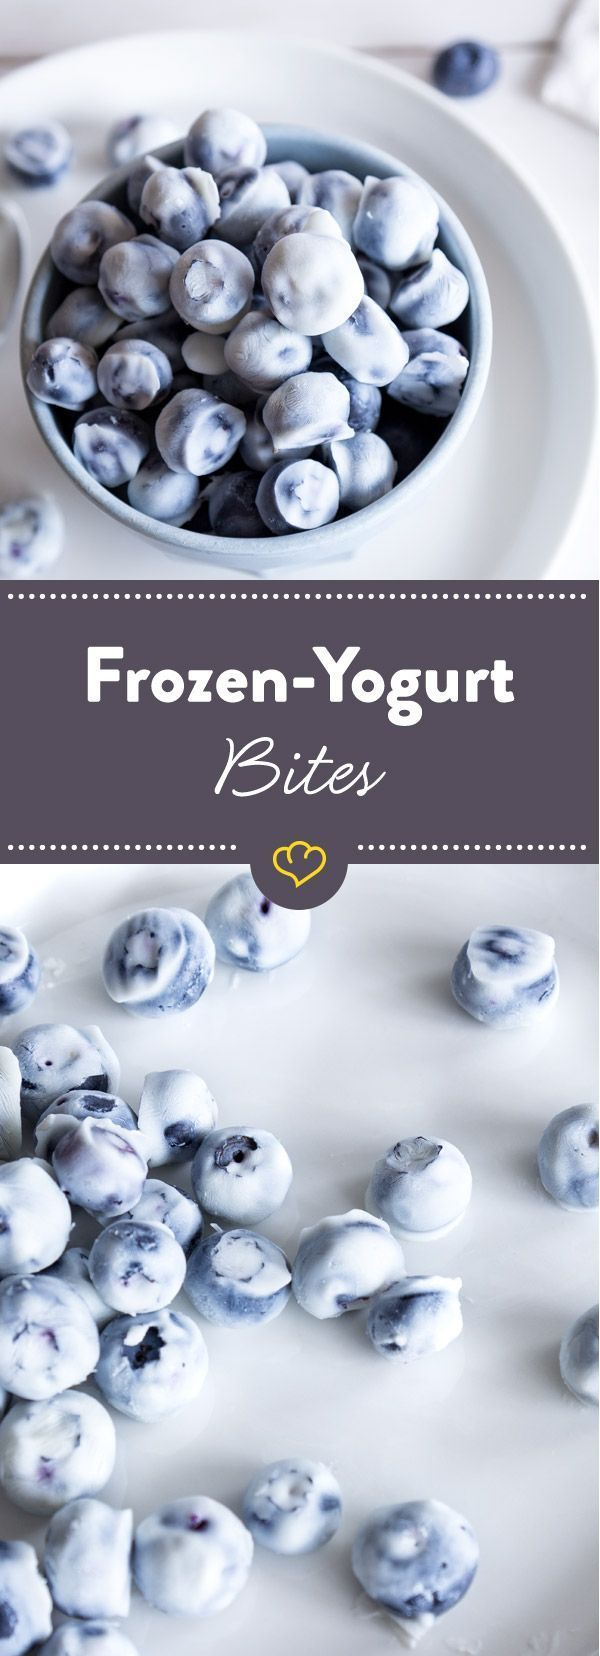 Diese Frozen-Joghurt-Häppchen mit Blaubeeren sind nicht nur frisch und lecker, sondern auch eine coole Alternative zu gezuckerten Süßigkeiten.